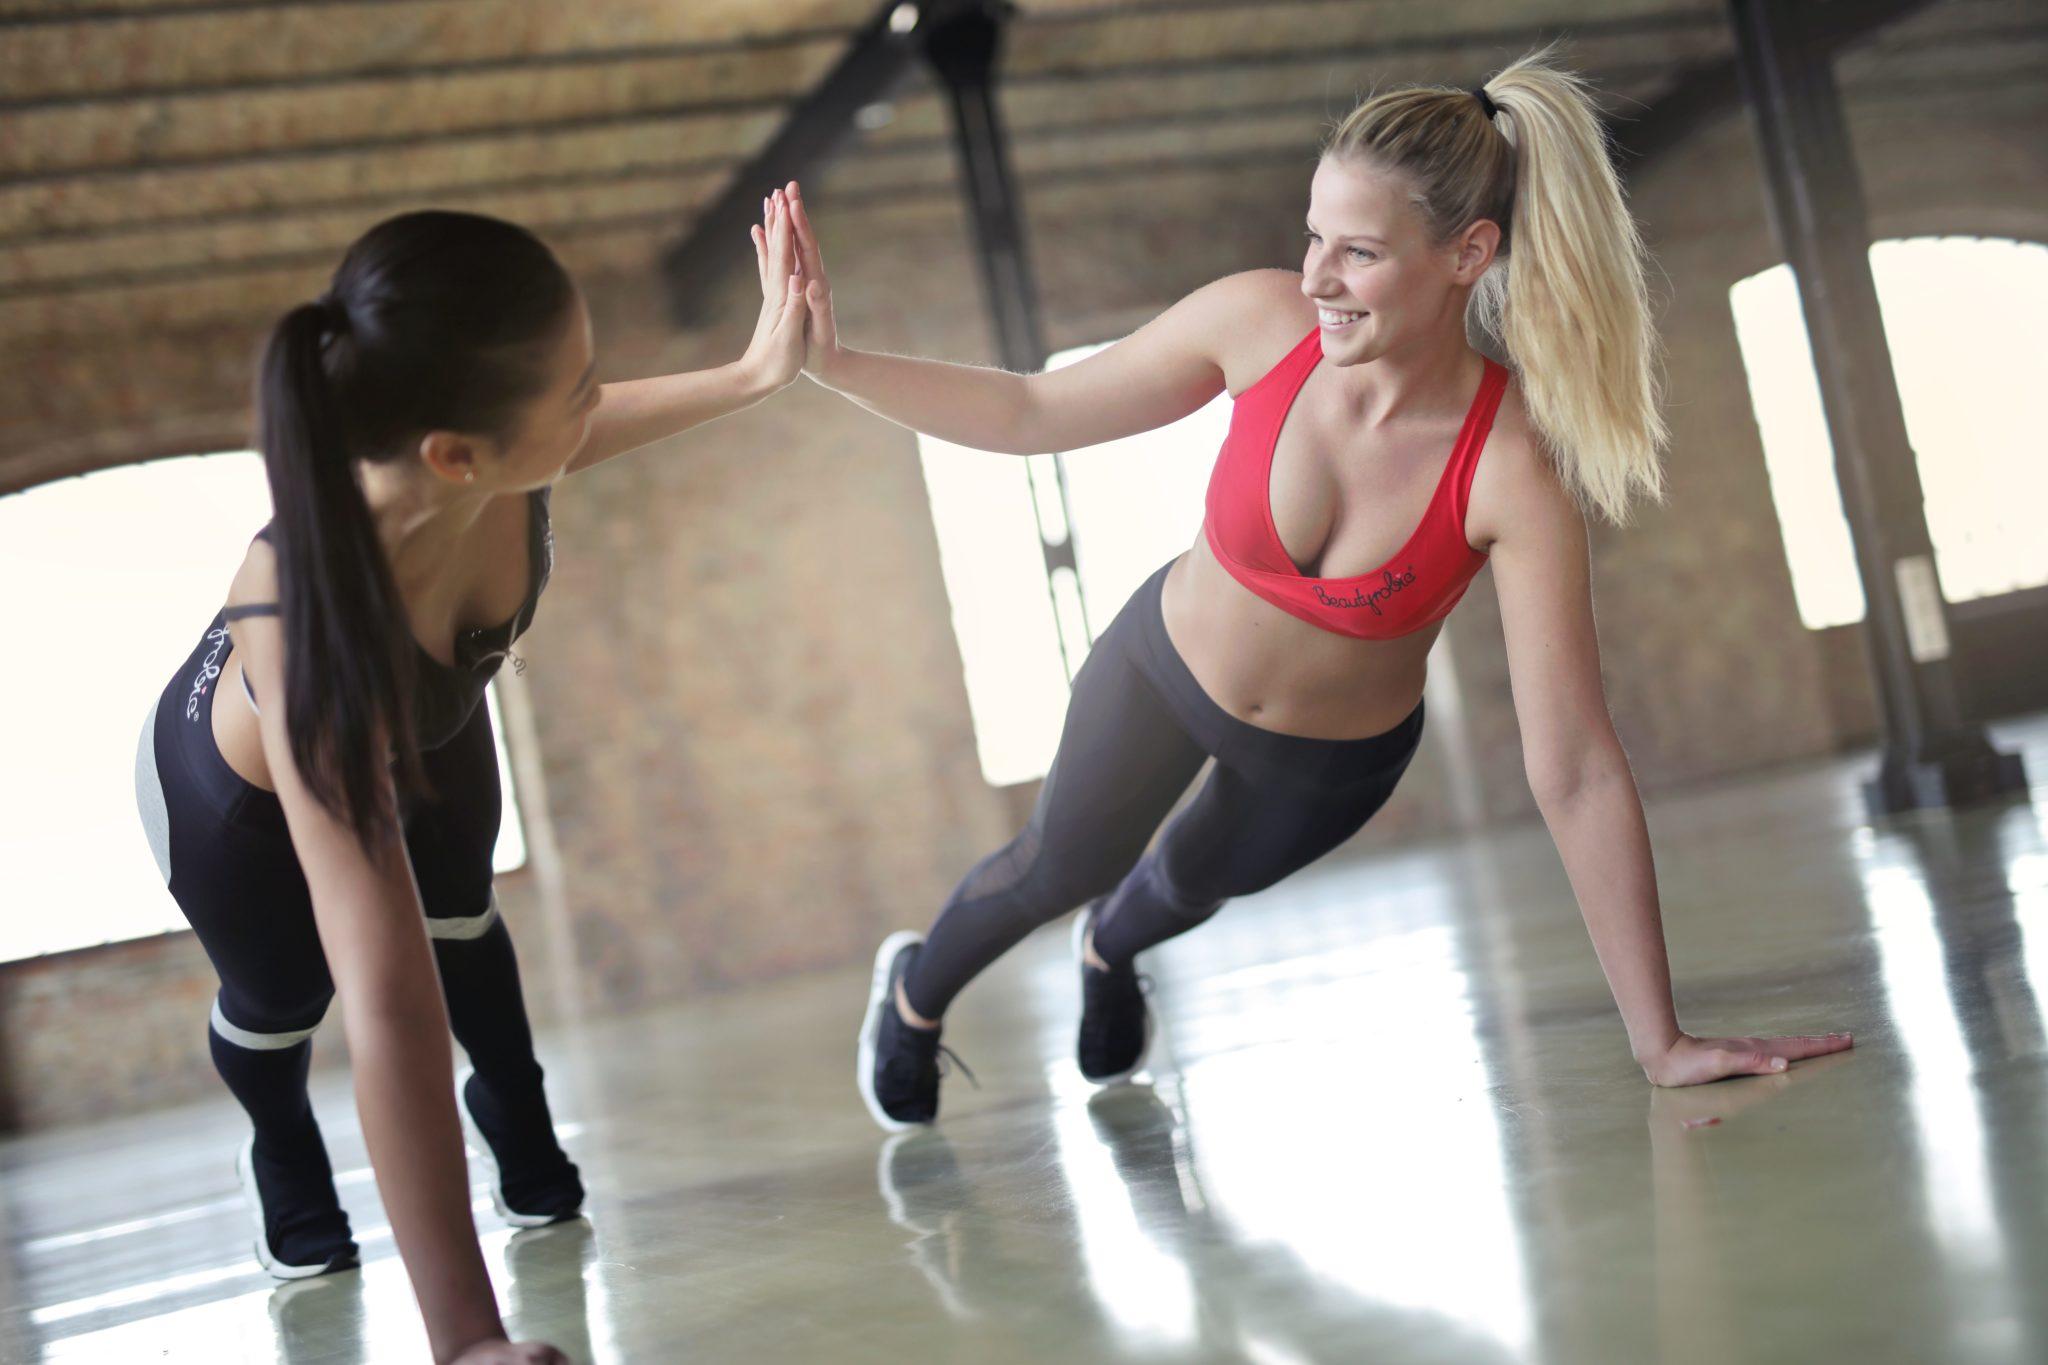 パーソナルジムでトレーニングをする女性の写真